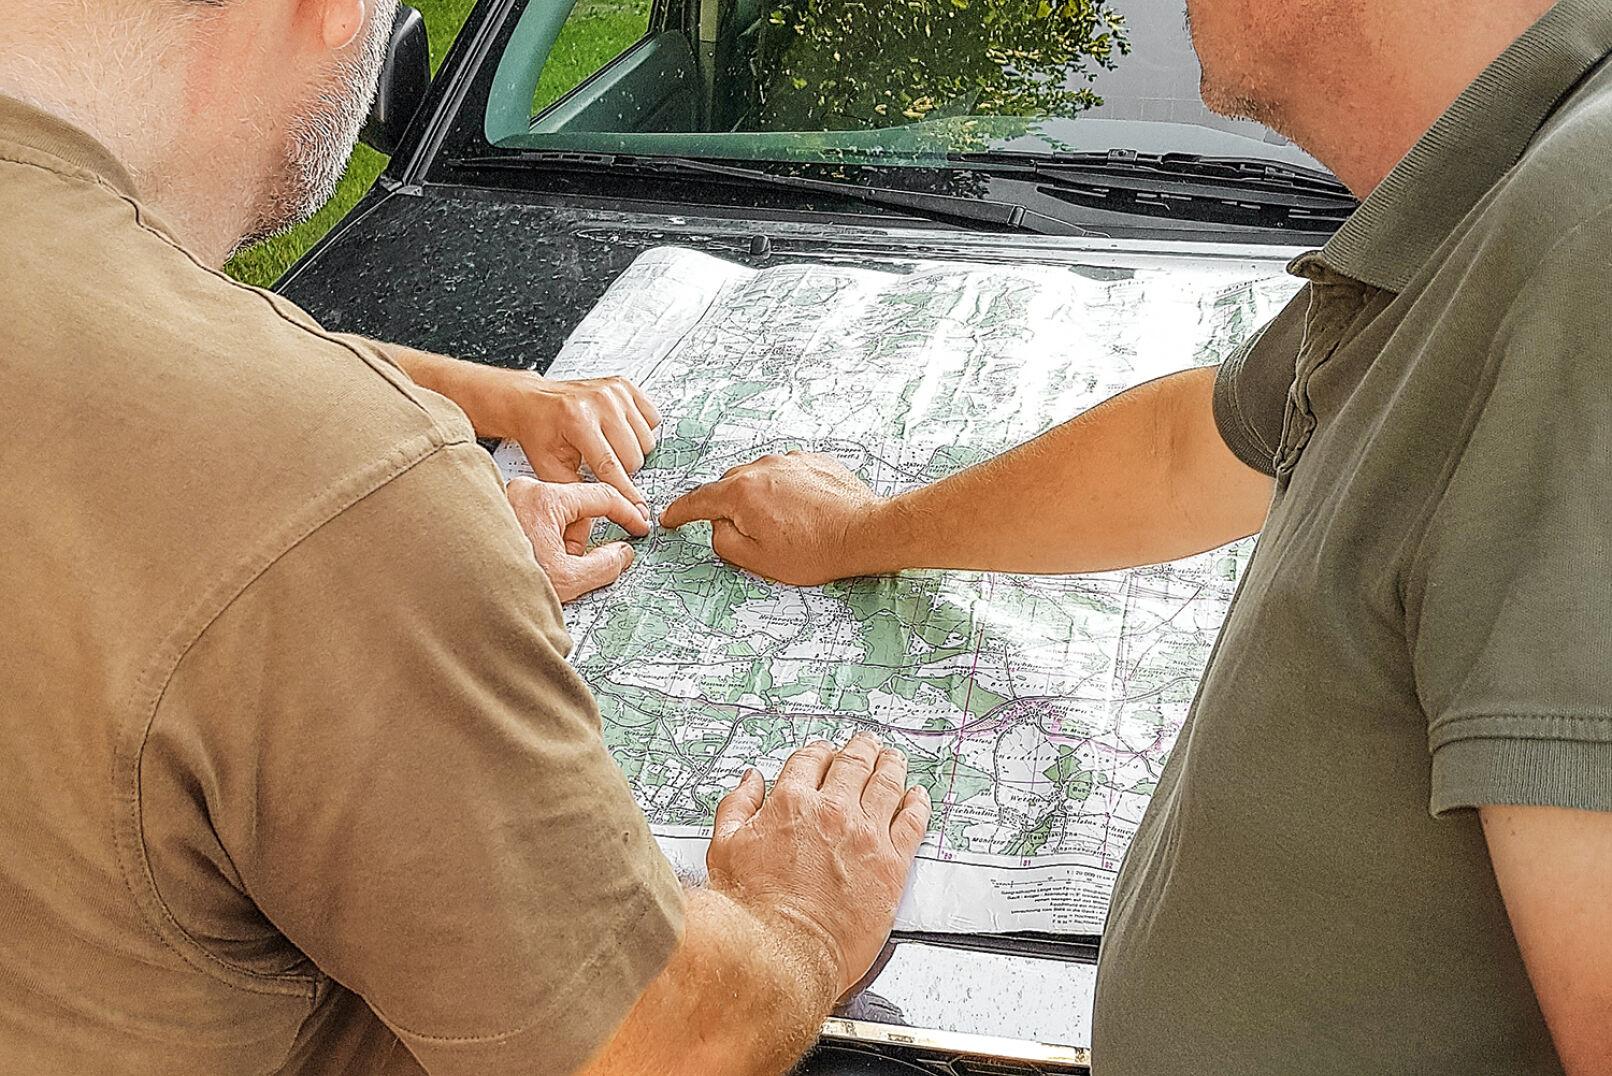 Planung von Gemeinschaftsansitzen - Vor allem bei Gemeinschaftsansitzen ist bei der Besetzung der Hochstände auf den Wind zu achten! - © Dominik Steinhauser